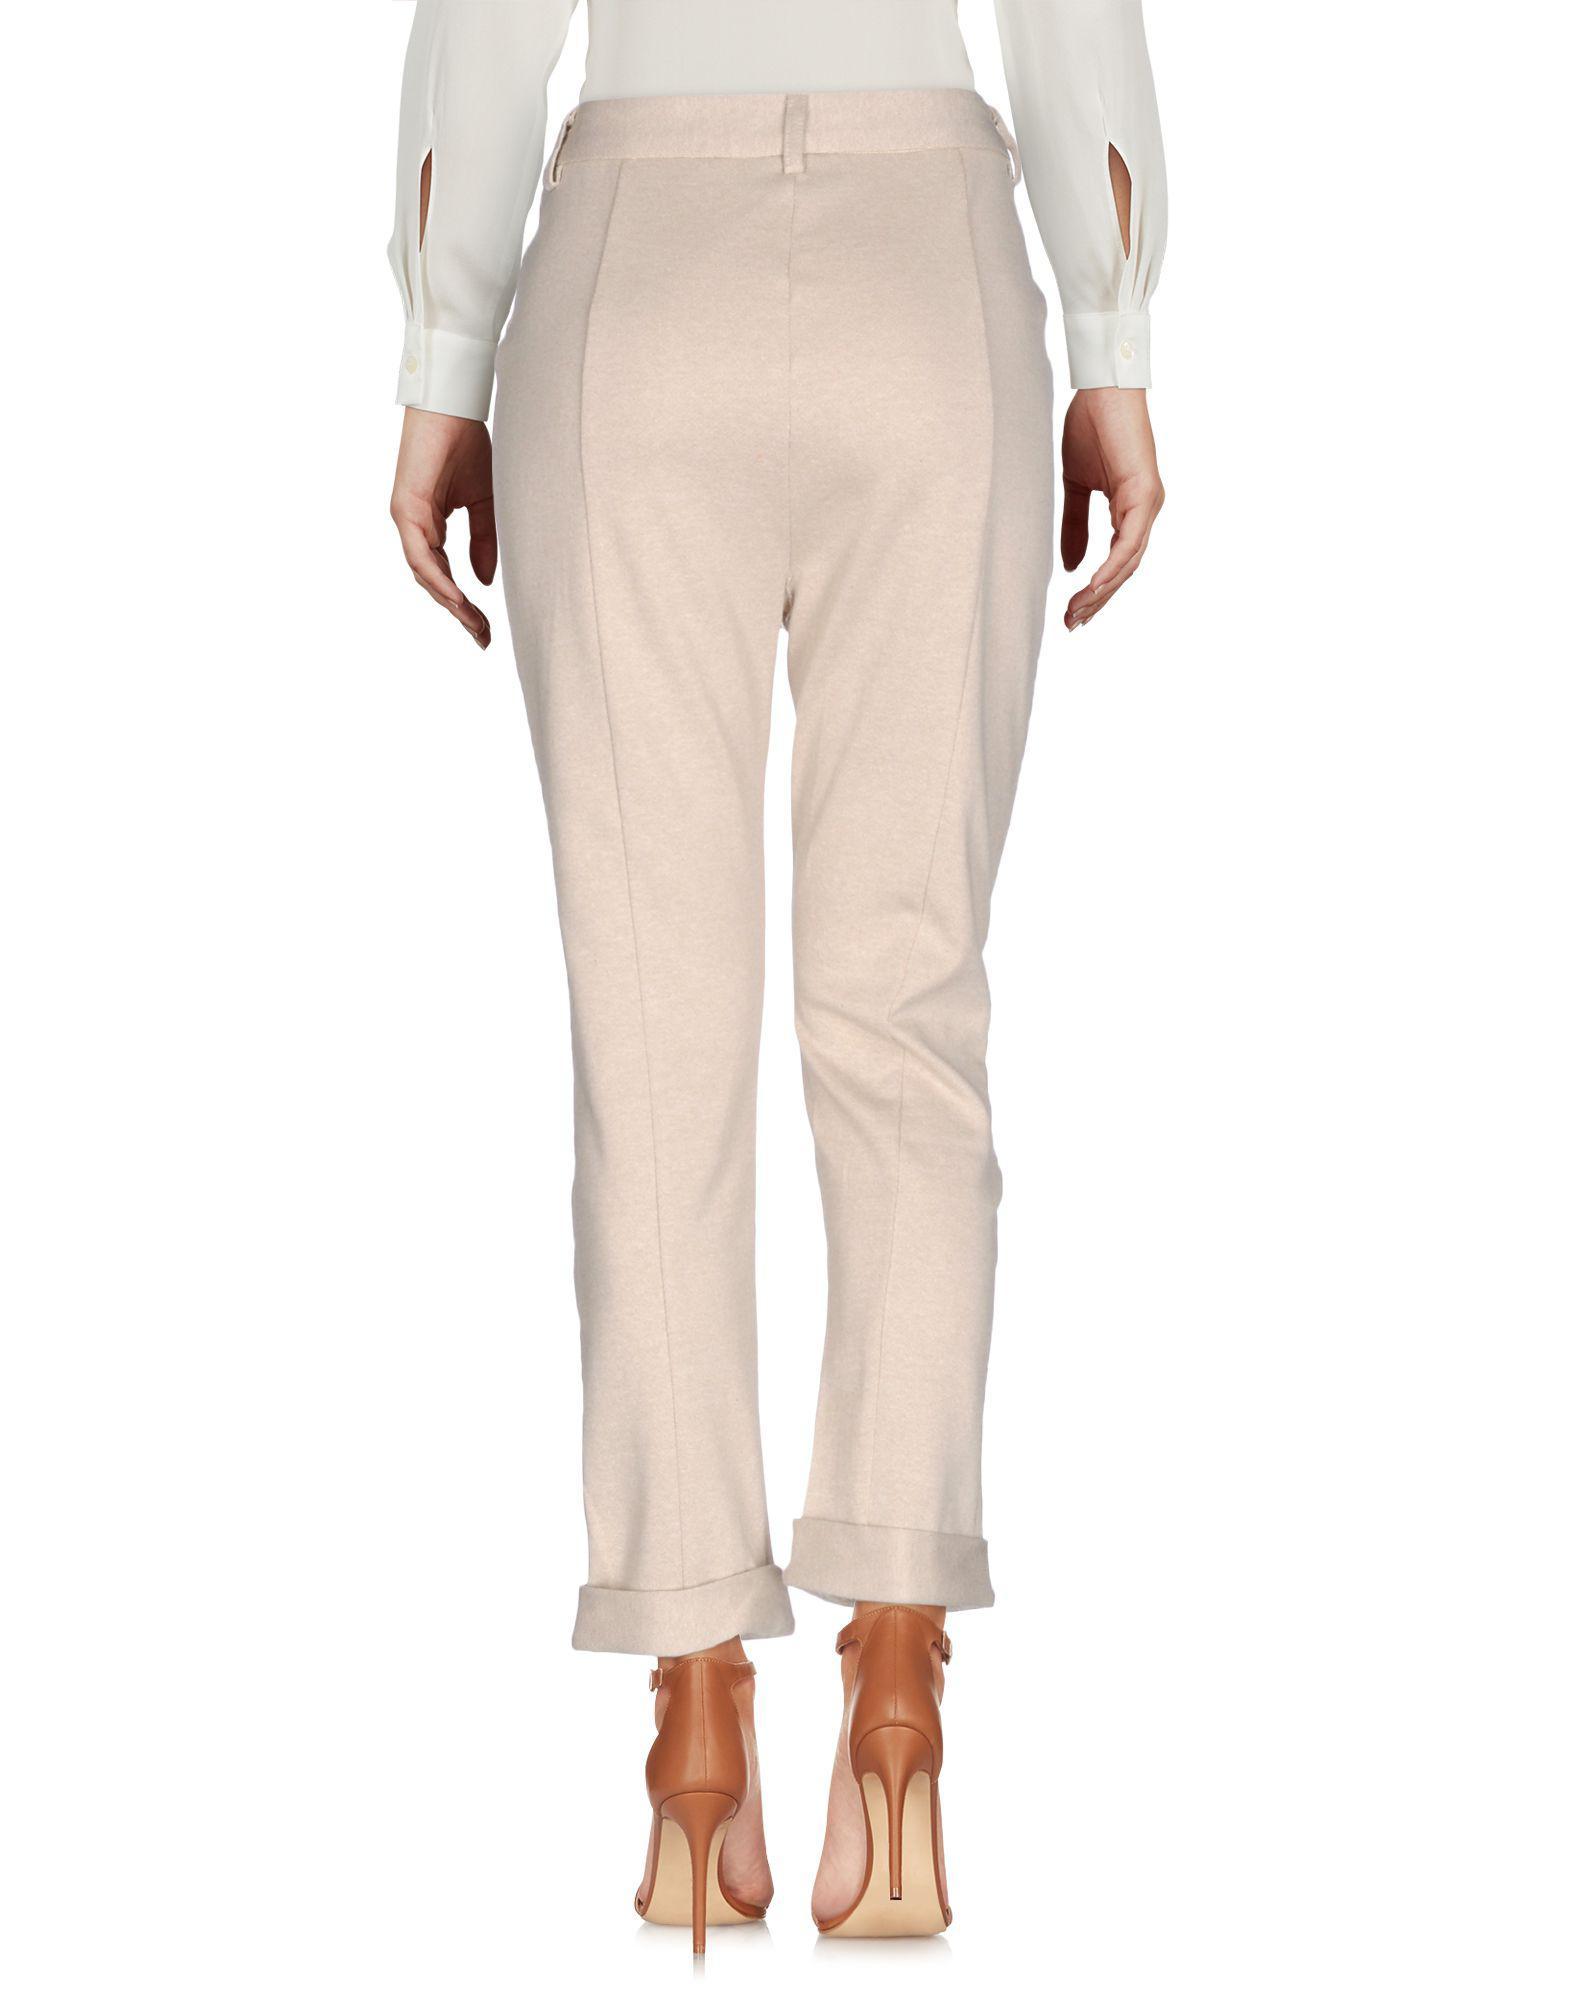 Pantalon - Pantalon Décontracté Cinquième Étiquette 2ayvb8XUw